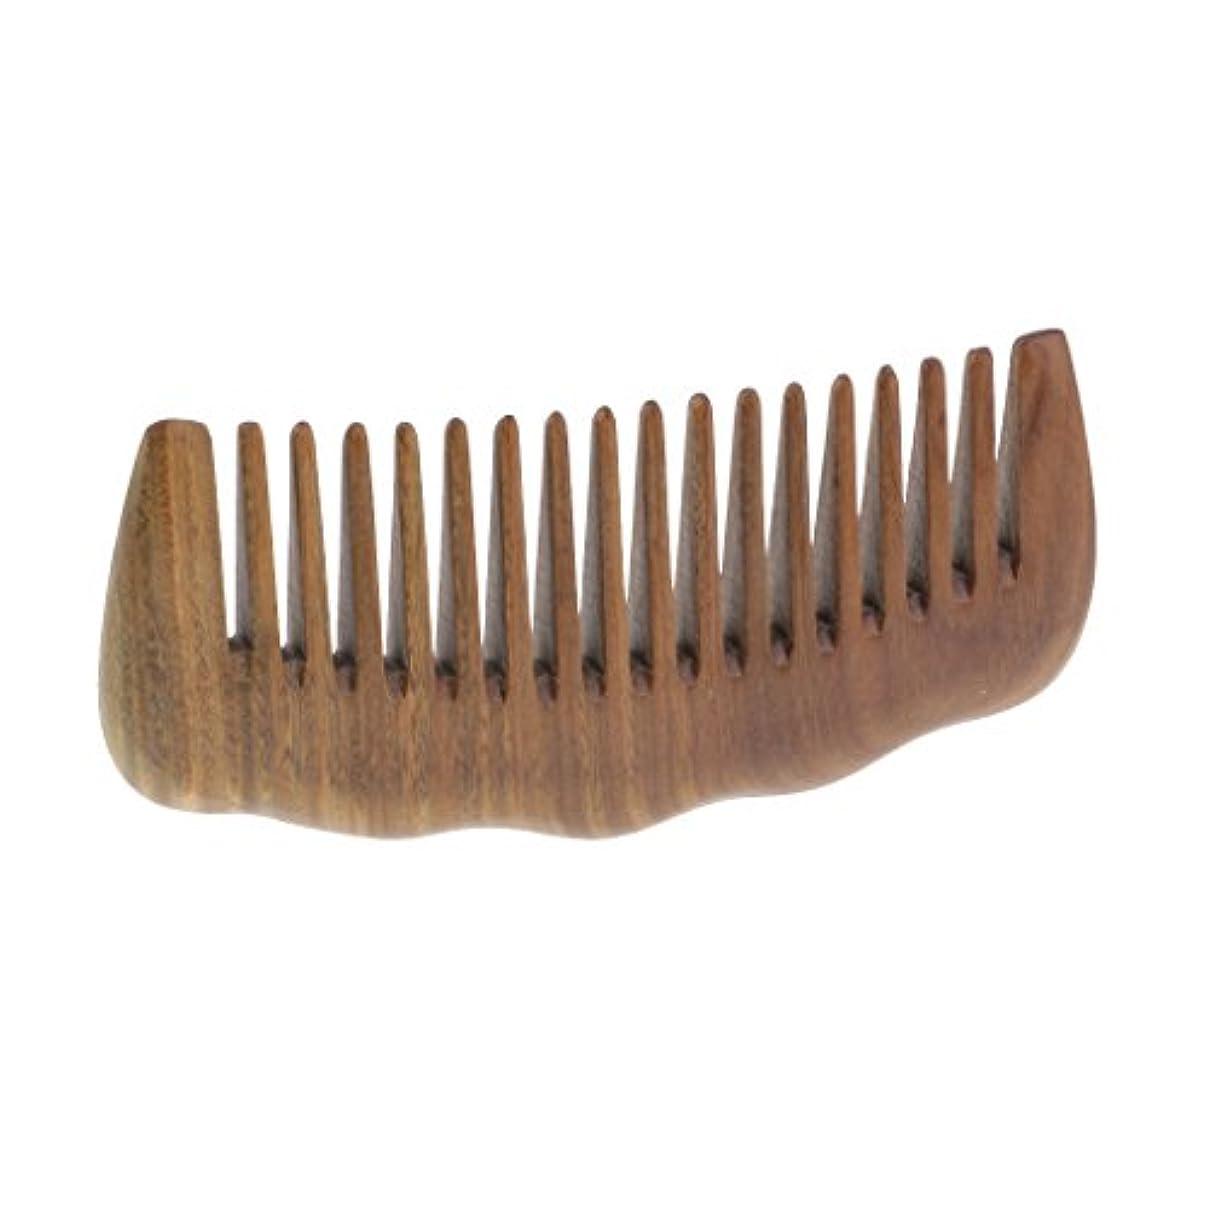 言い訳ダイヤルパイントKesoto ウッドコーム 木製櫛 頭皮マッサージ 伝統工芸品 滑らか ヘアケア ナチュラルサンダルウッド 高品質